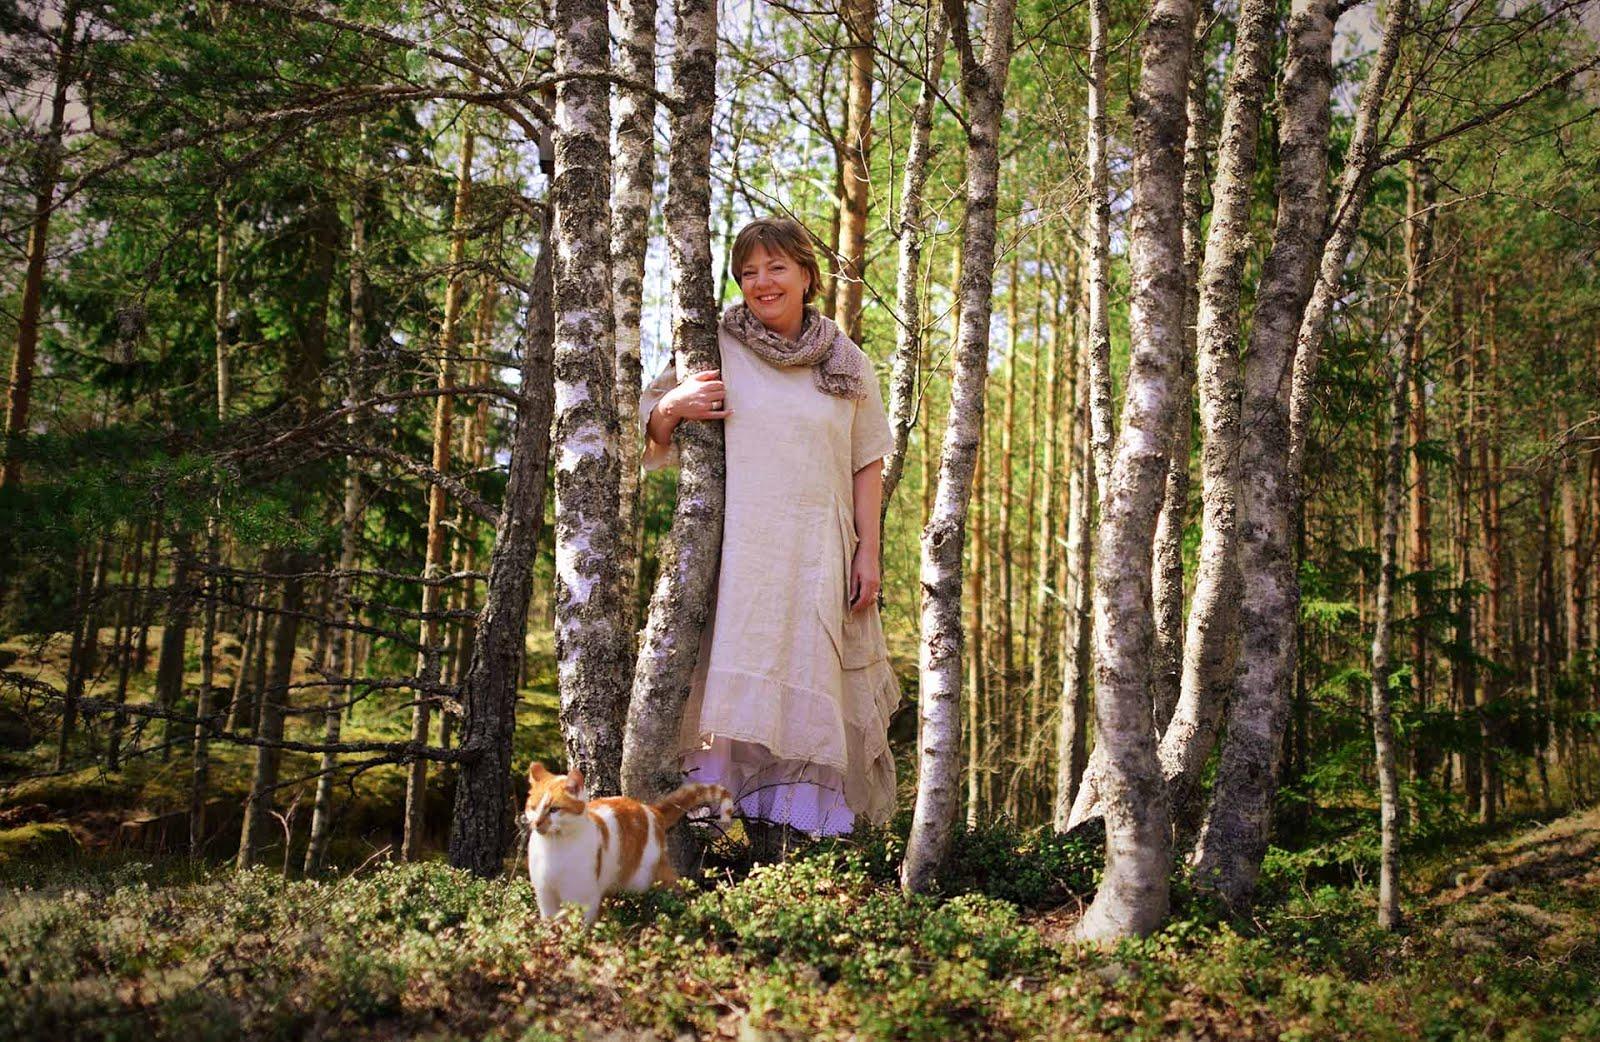 Sanna Katajainen